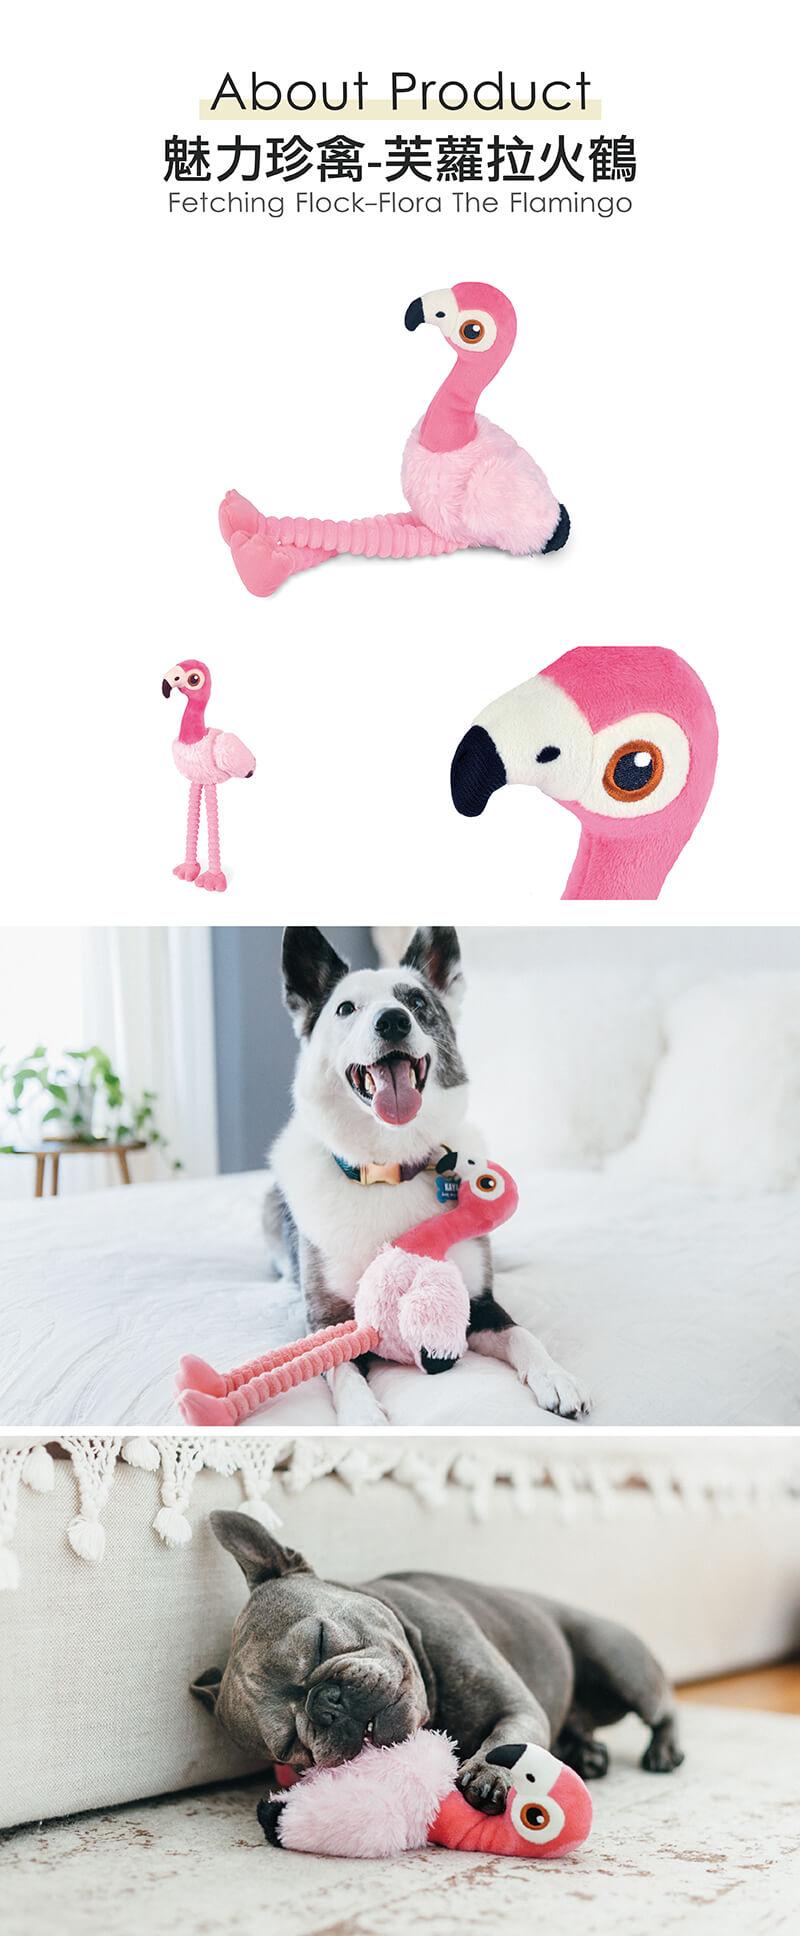 美國 P.L.A.Y. 玩具系列 魅力珍禽 芙蘿拉火鶴